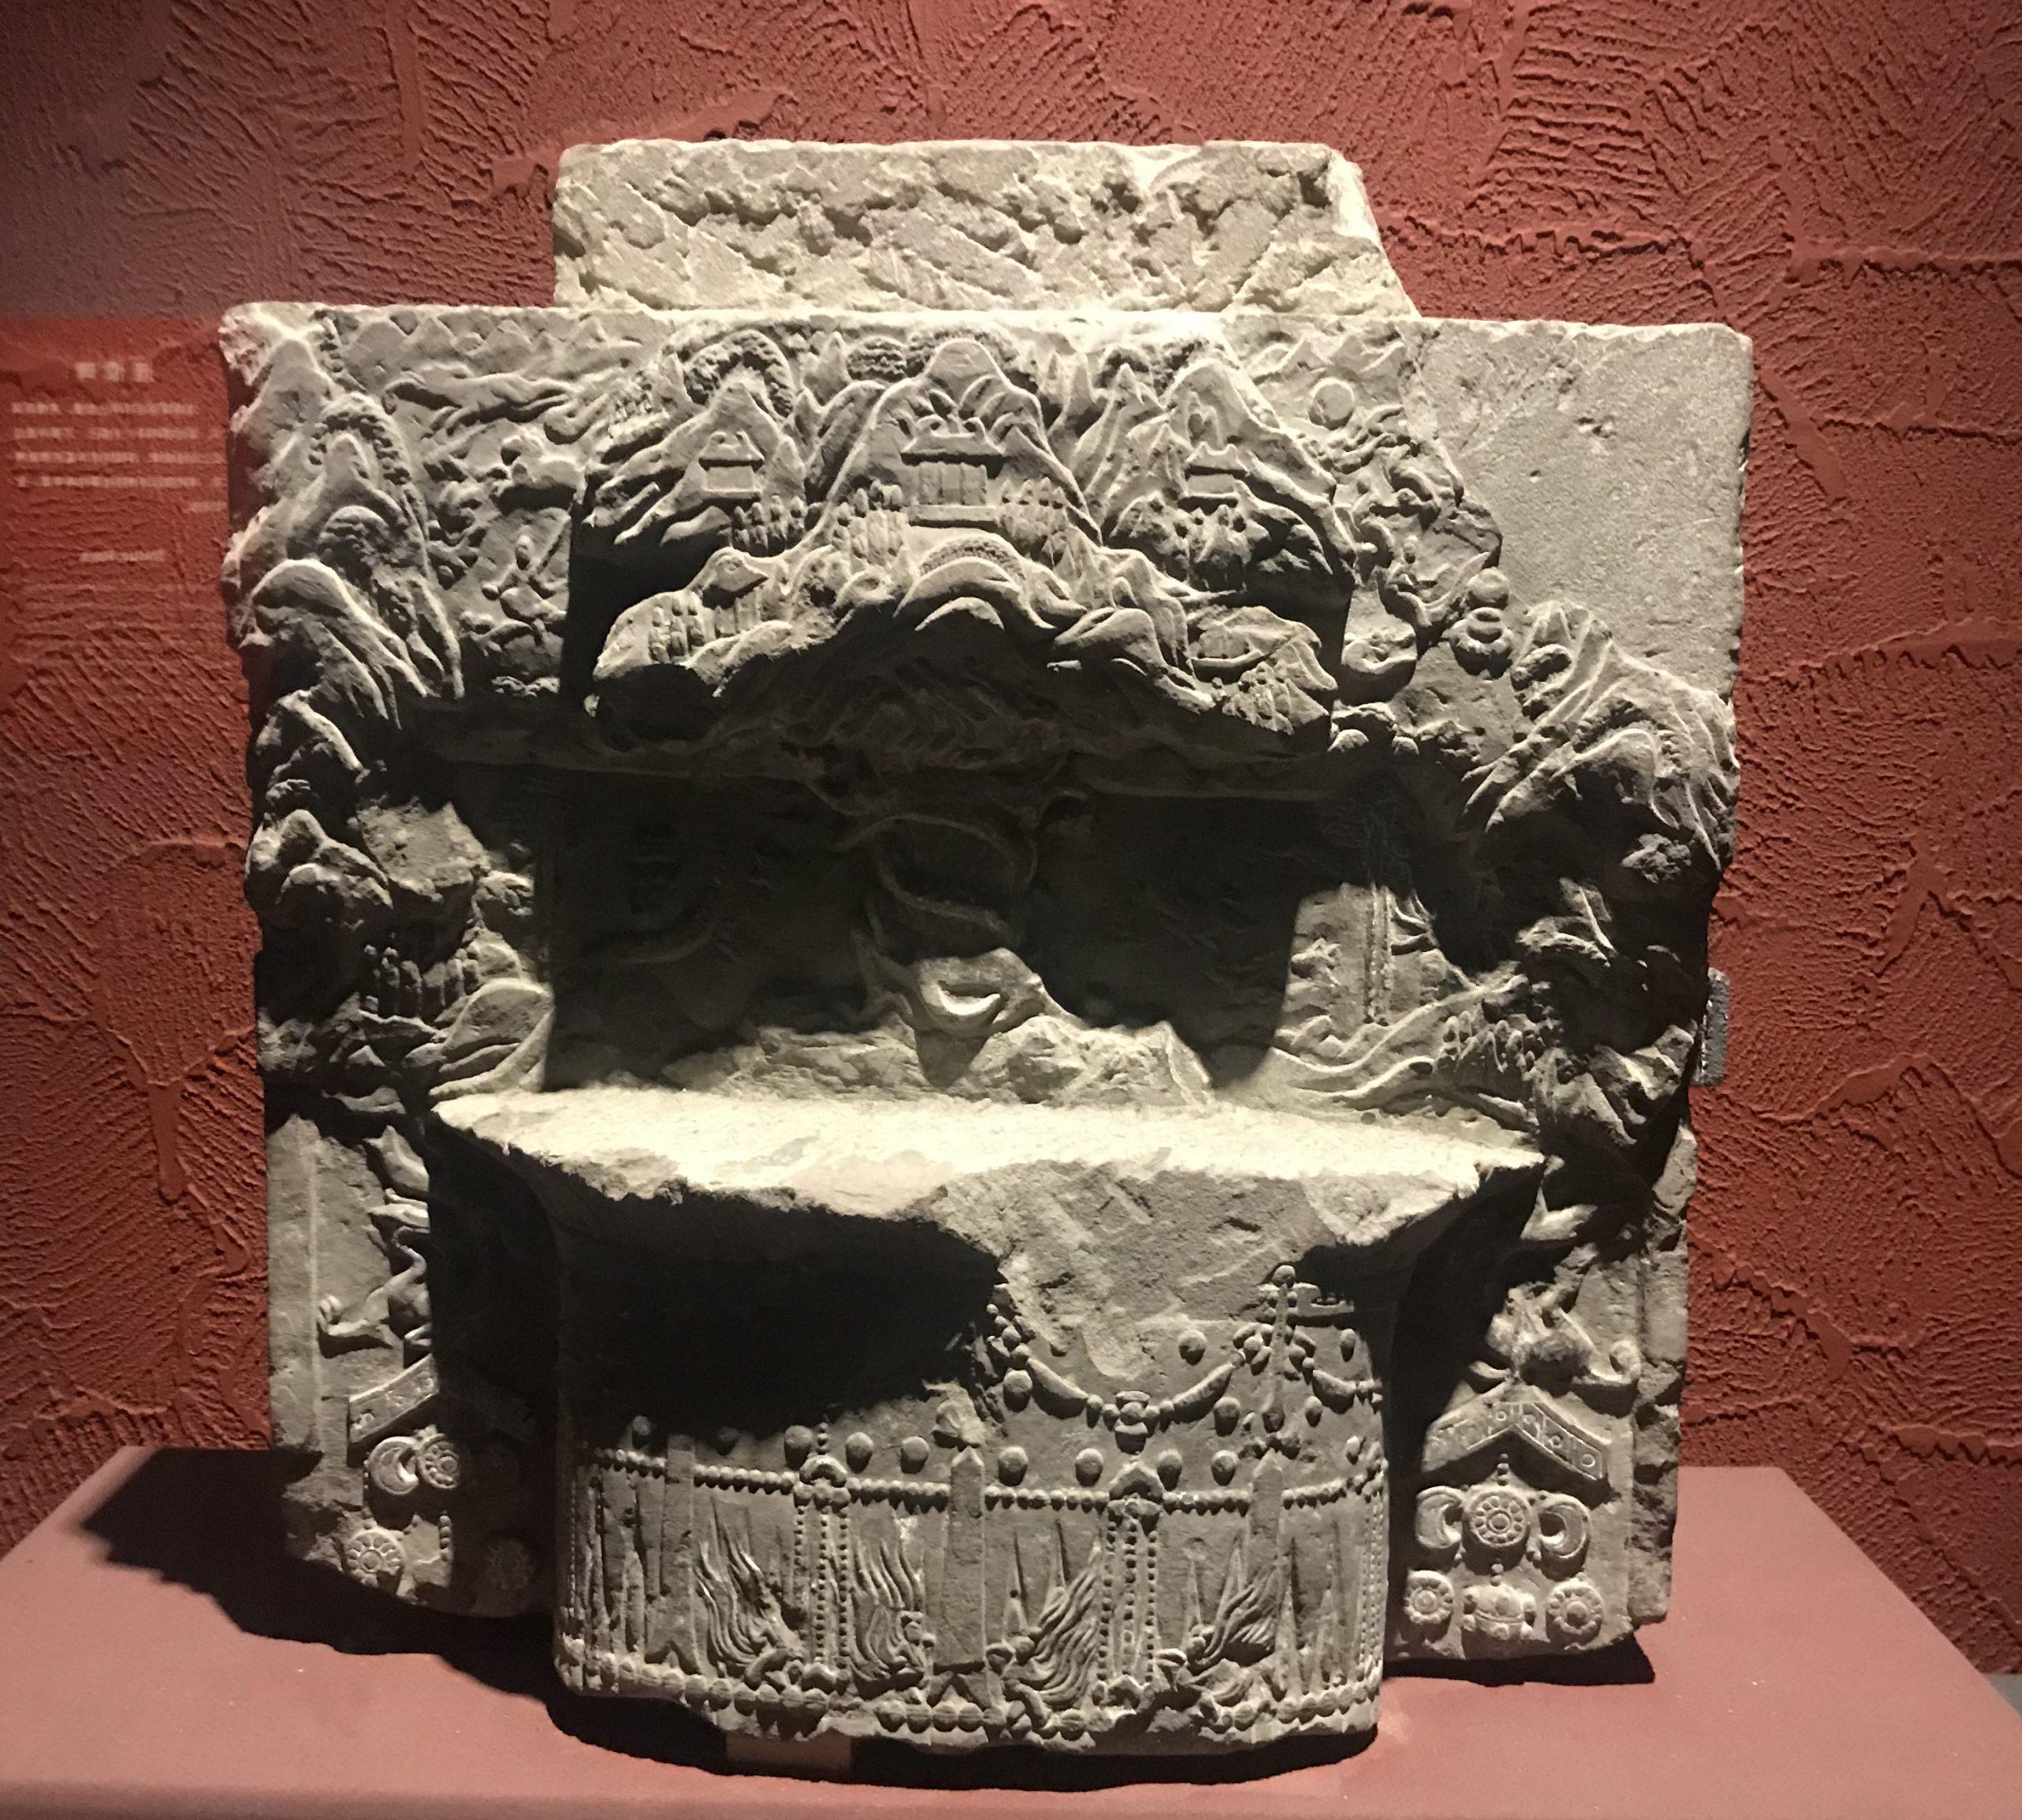 造像碑1-南朝-万仏寺遺跡-四川万仏寺石刻館-四川博物院-成都